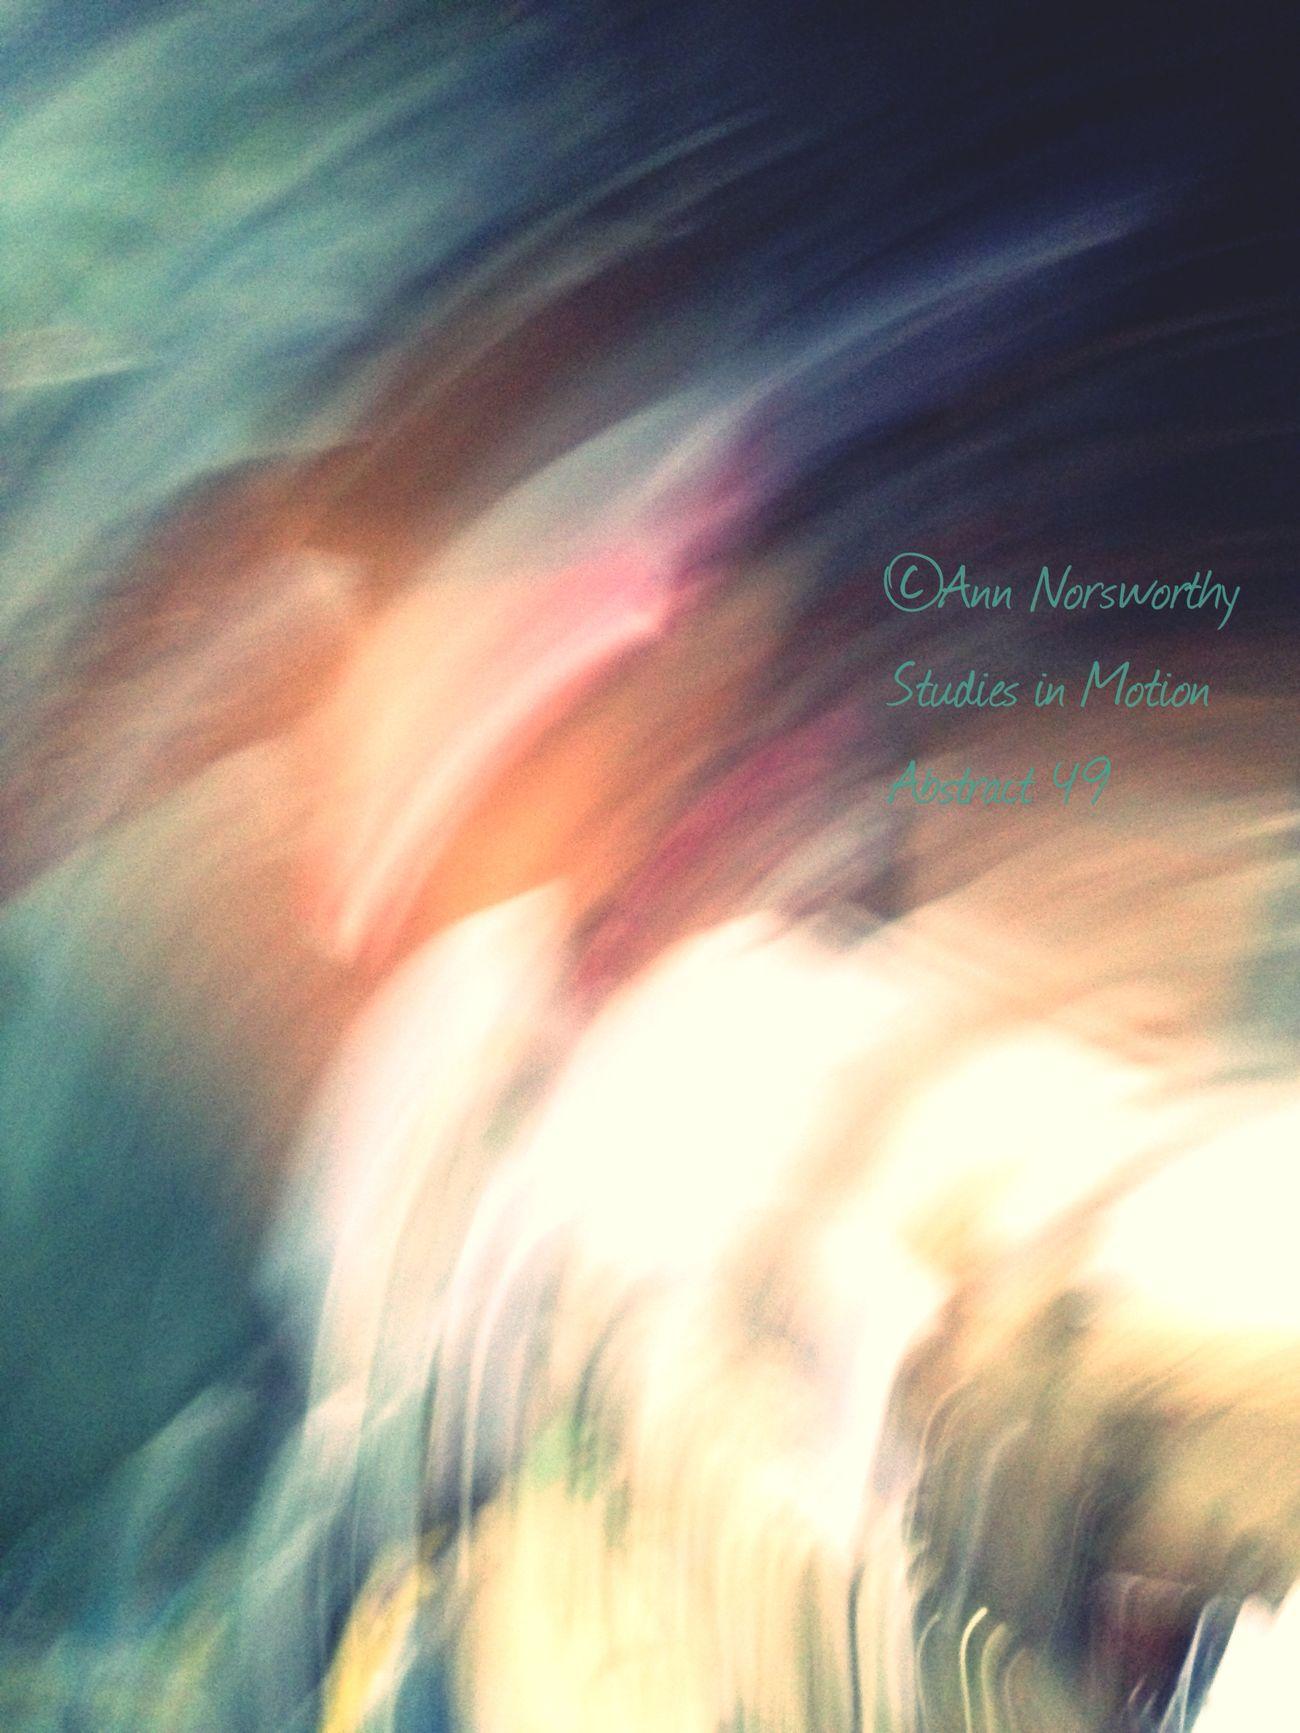 ©Ann Norsworthy Studies In Motion Abstractions In Colors IoLIGHTstudios  EyeEm Filter U3